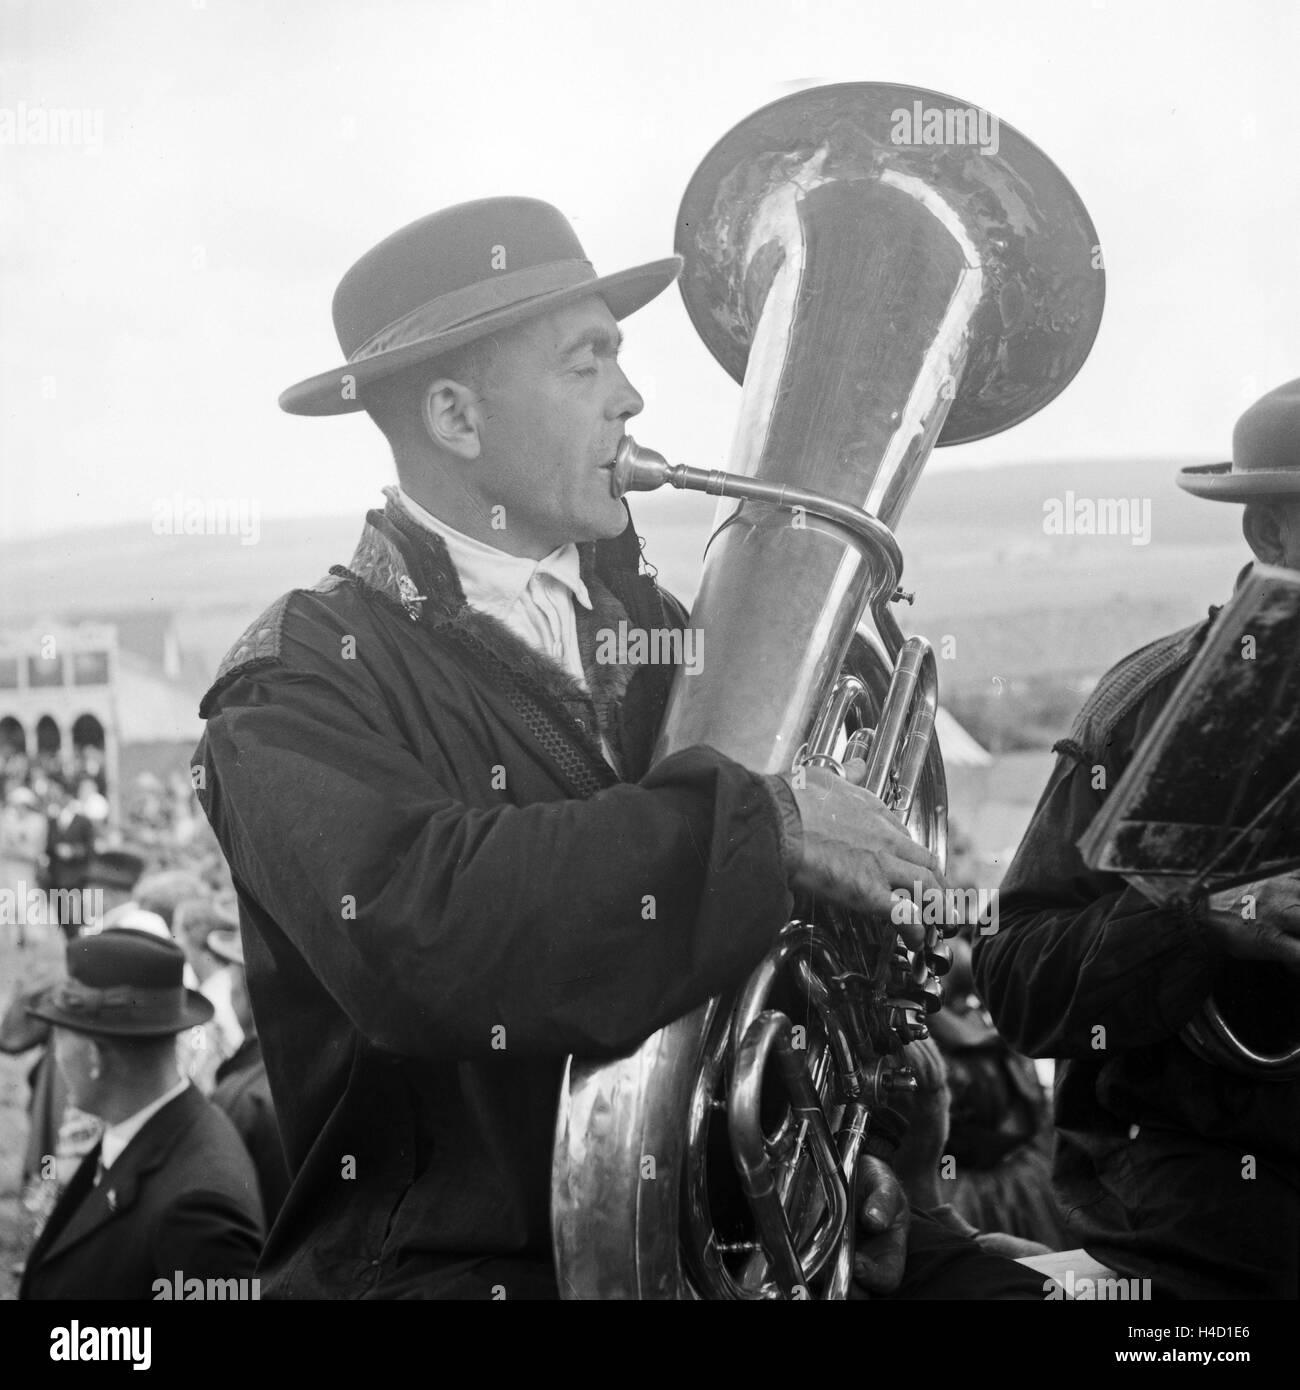 Einer der Musiker Auf Einem Bierwagen Auf Einer Vatertagstour in der Westhessischen Schwalm, 1930er Jahre Deutschland. Stockbild